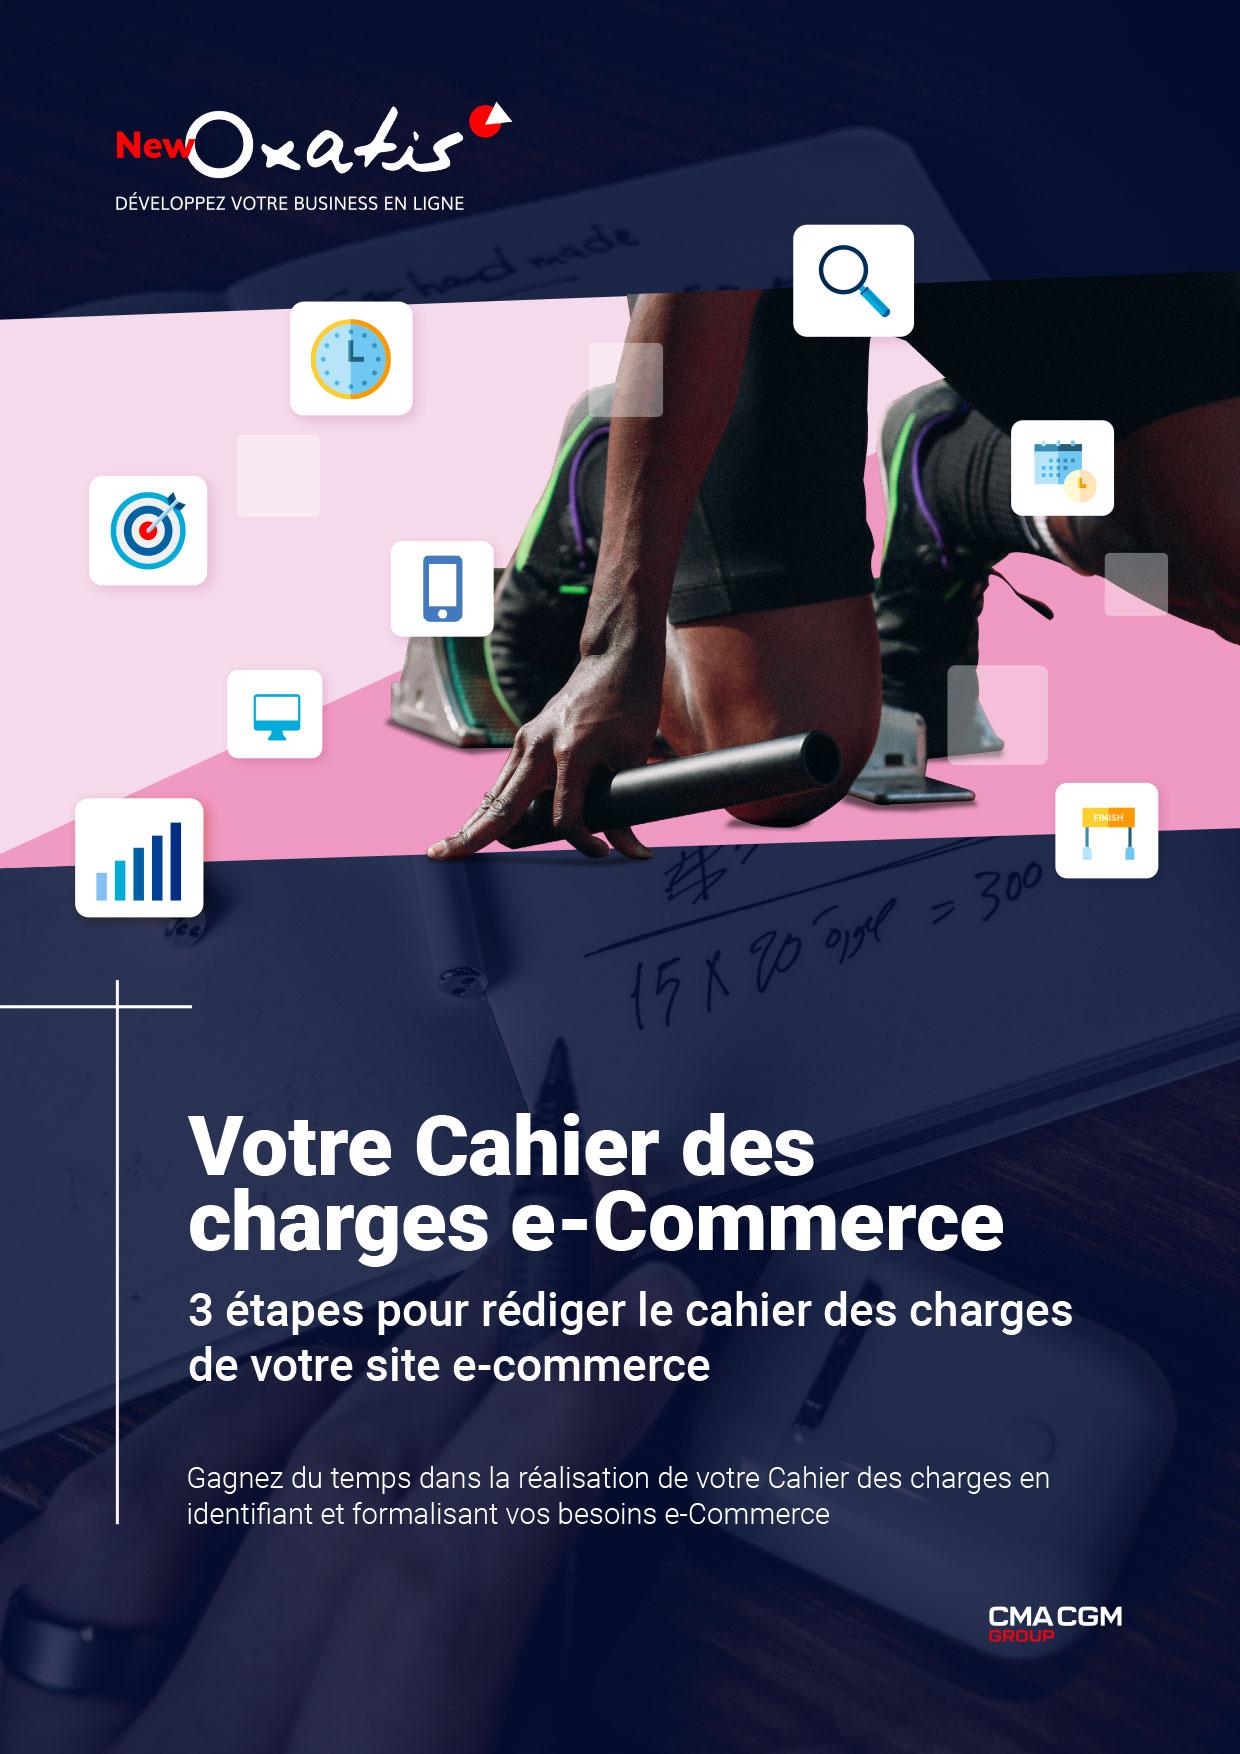 Le Cahier des Charges e-Commerce